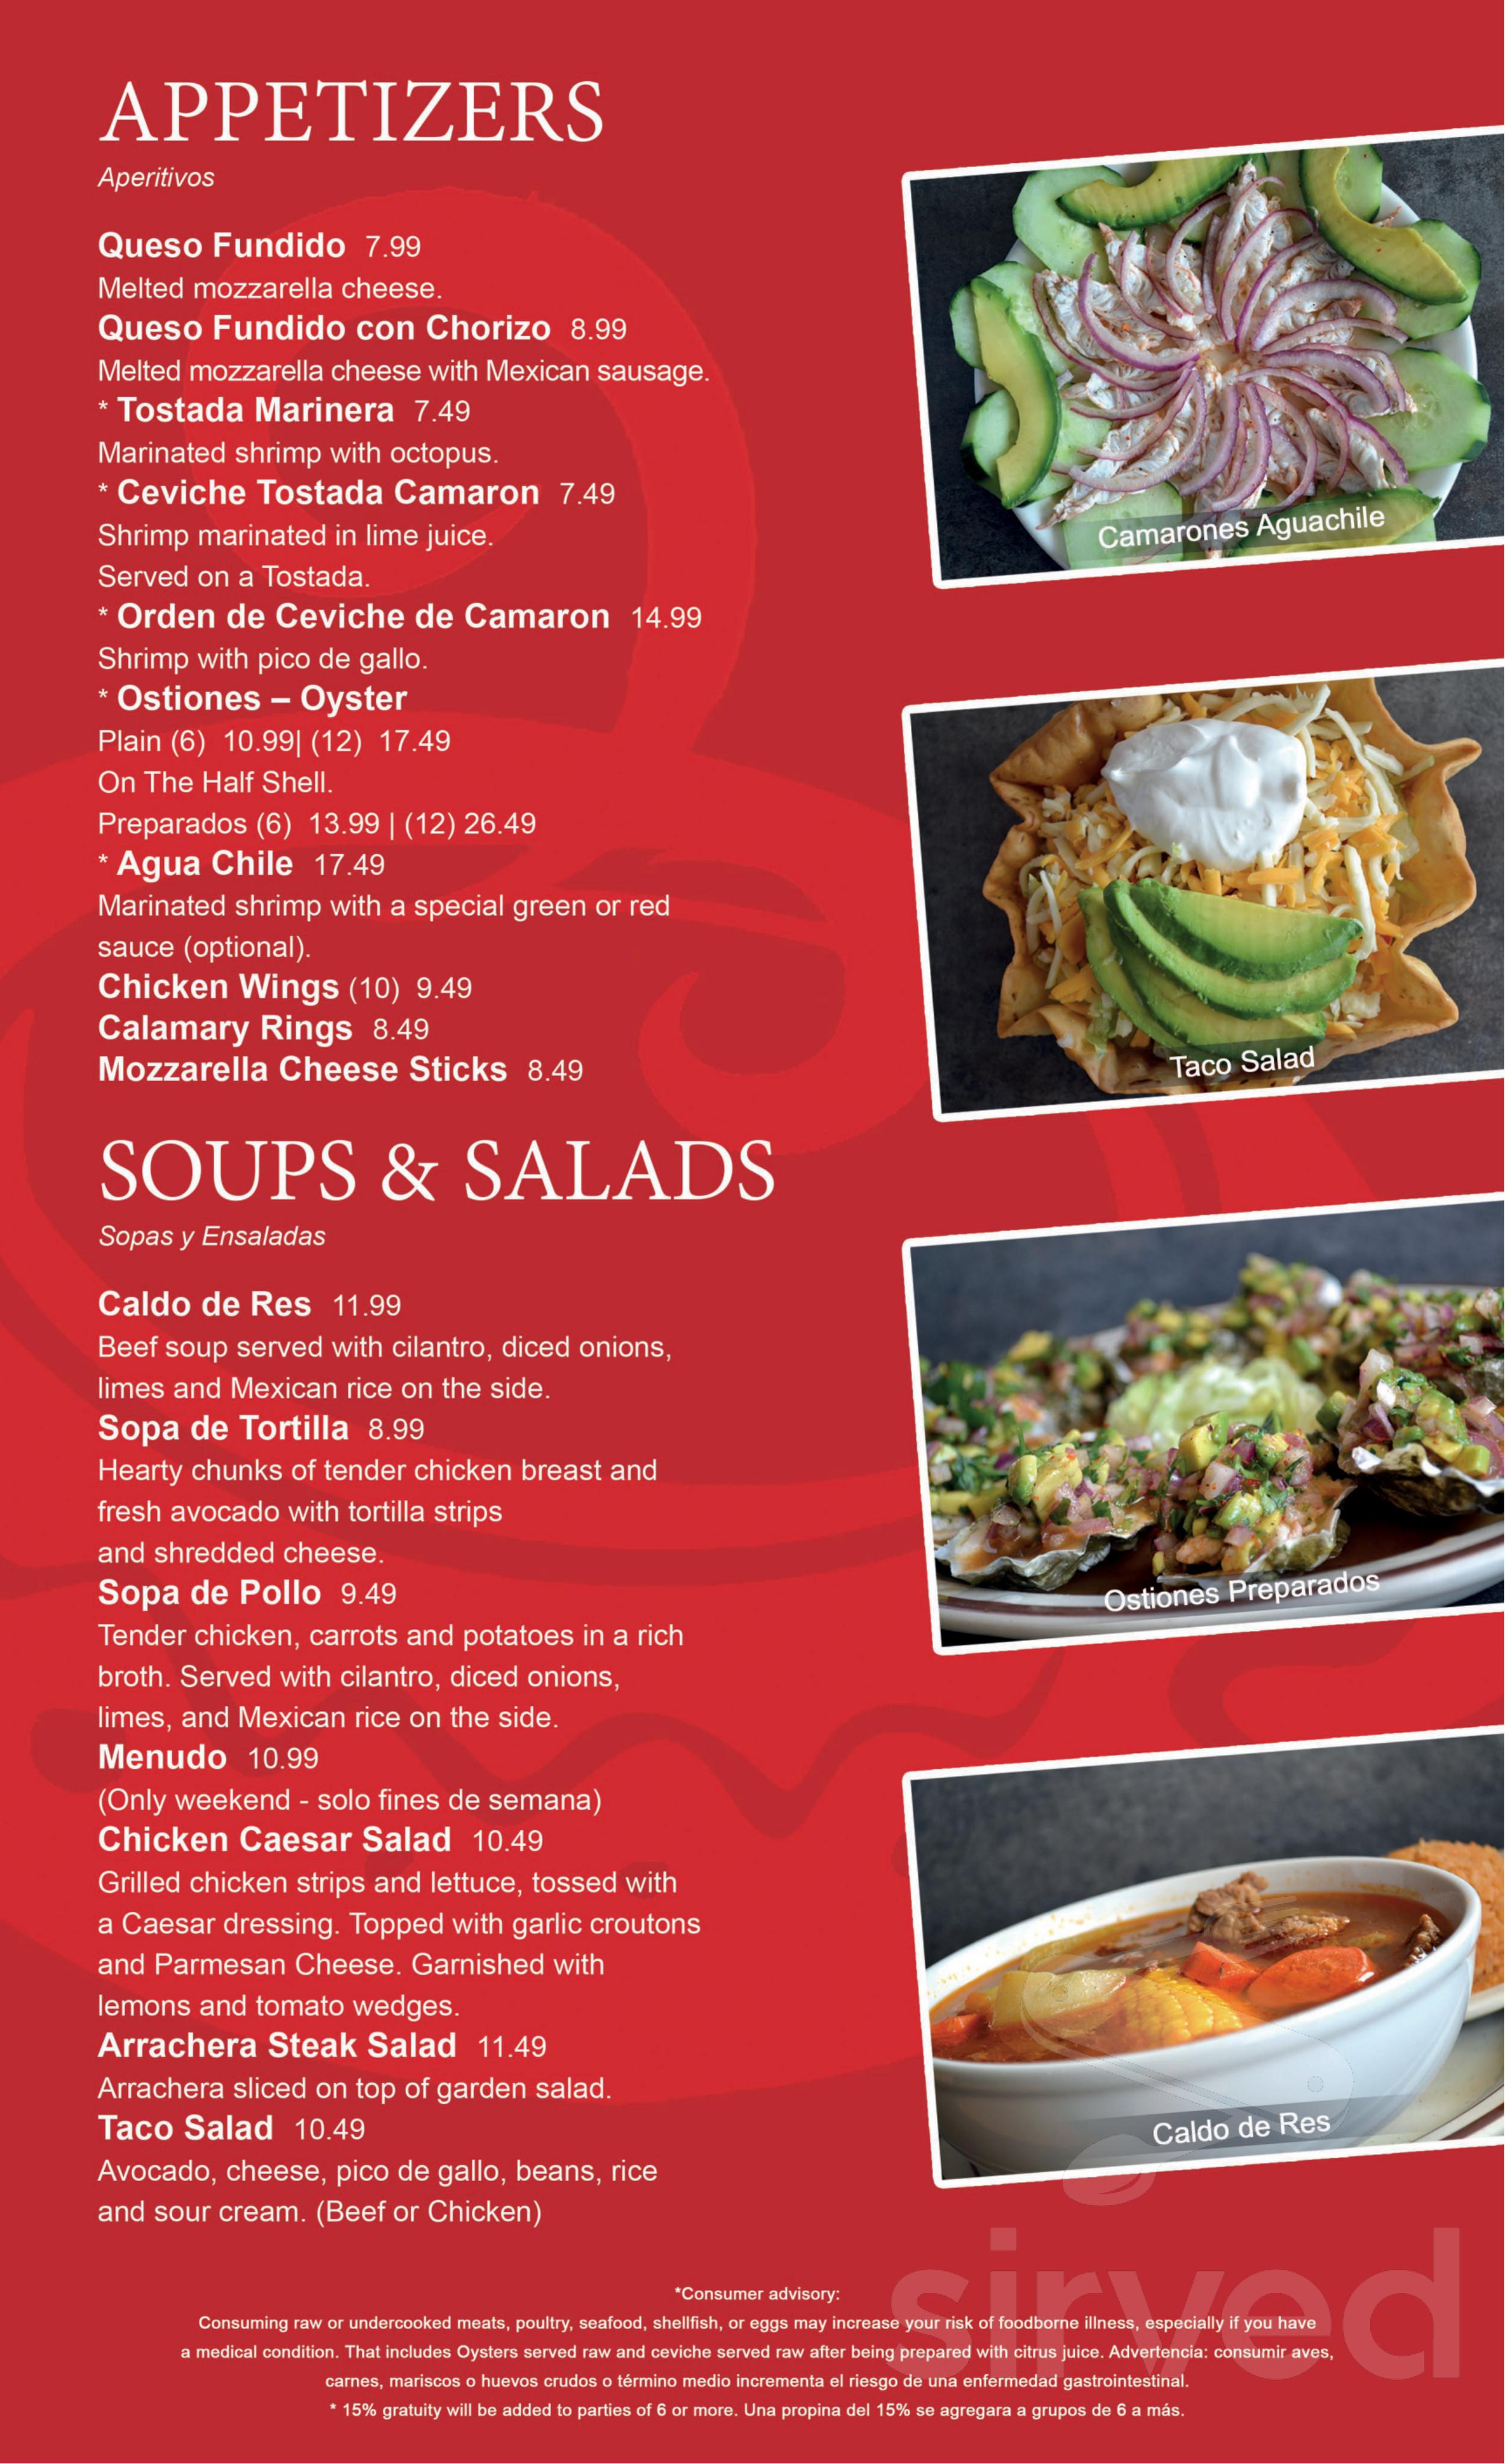 Menu For Las Cazuelas Mexican Seafood Restaurant In